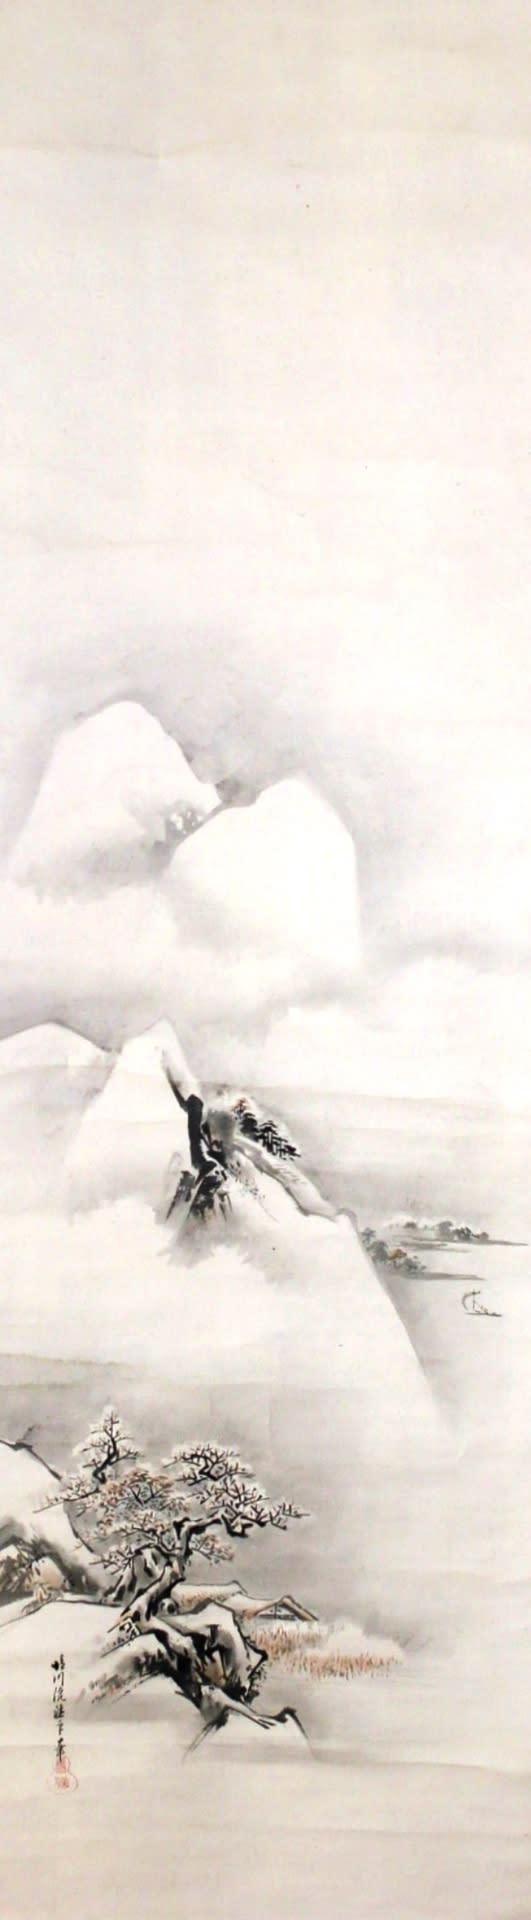 狩野養信の画像 p1_32